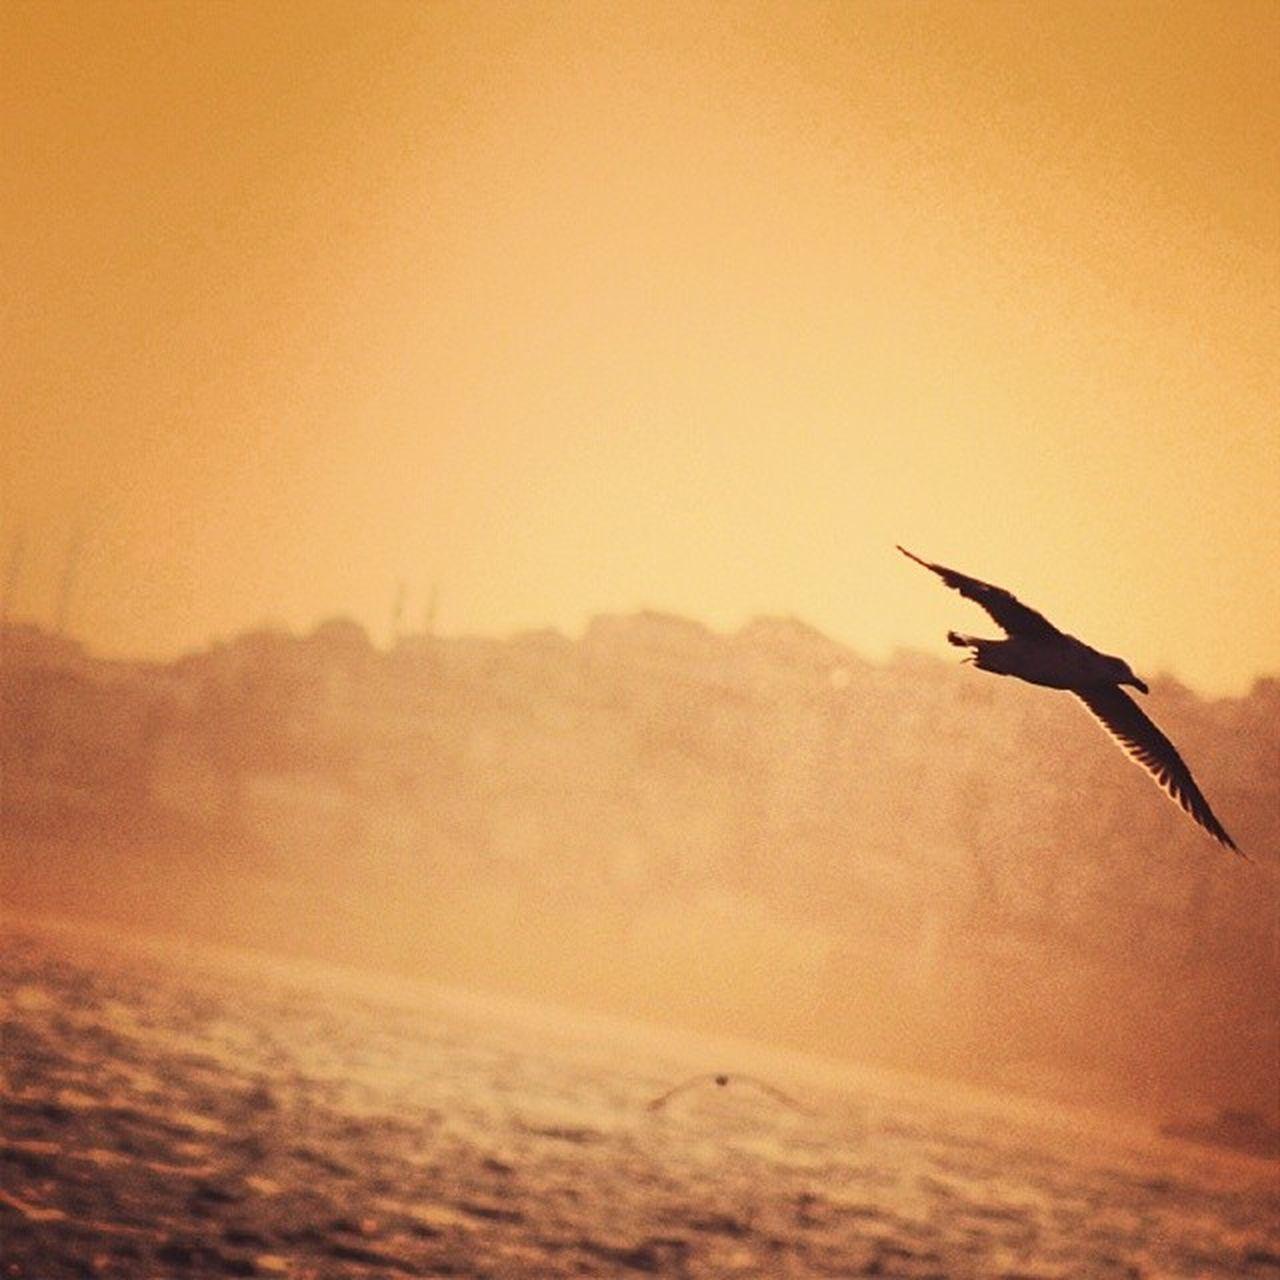 Hayat Kısa, Kuşlar Uçuyor. / Life is Short- Birds Flying. Bosphorus Hayatkisa Kuşlaruçuyor